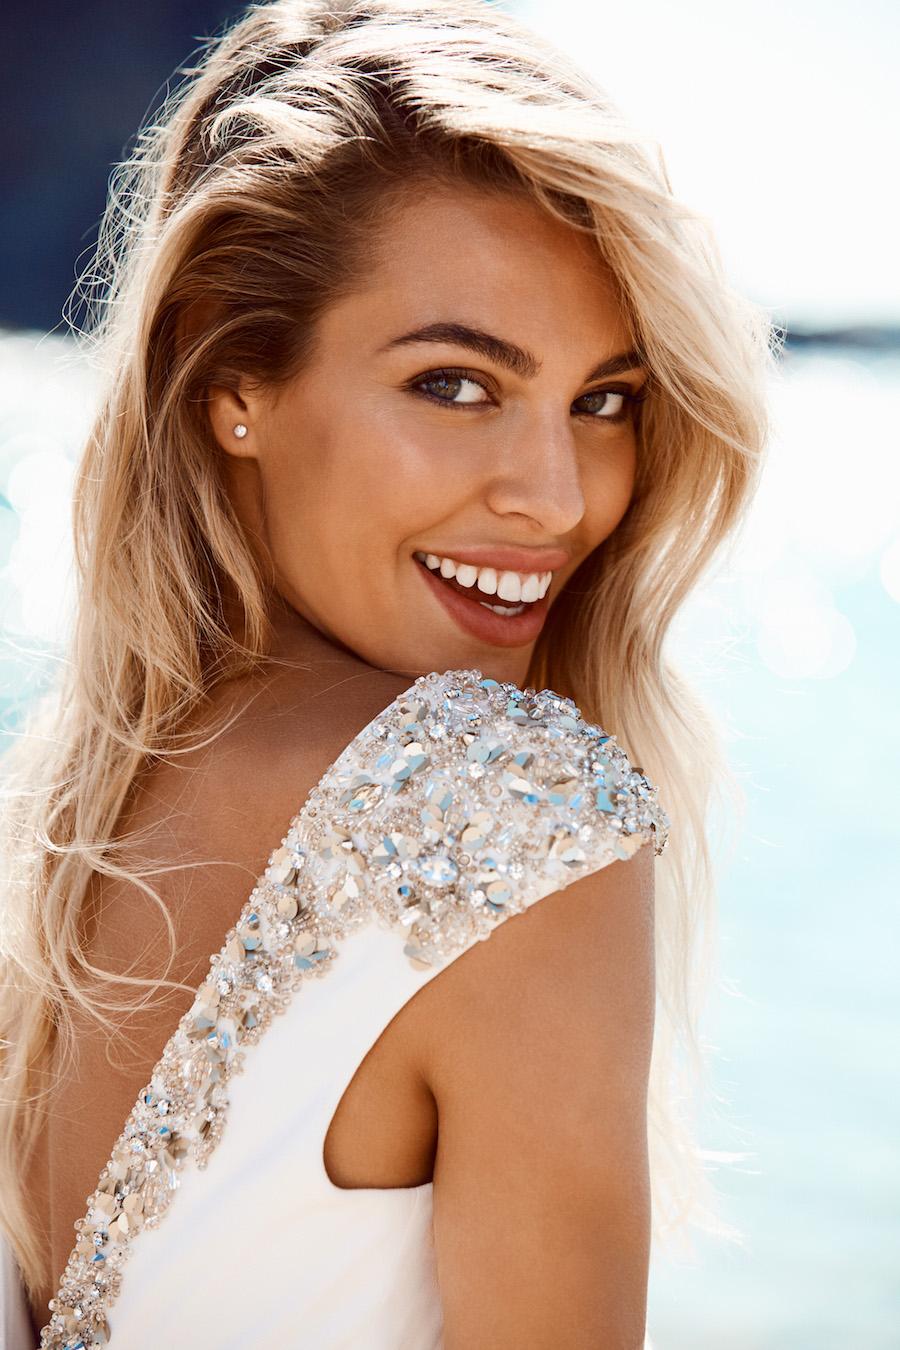 Con un abito così chi ha bisogno di gioielli  Questo modello a sirena in  crêpe brilla di luce propria. Vita bassa 8a886295d4d